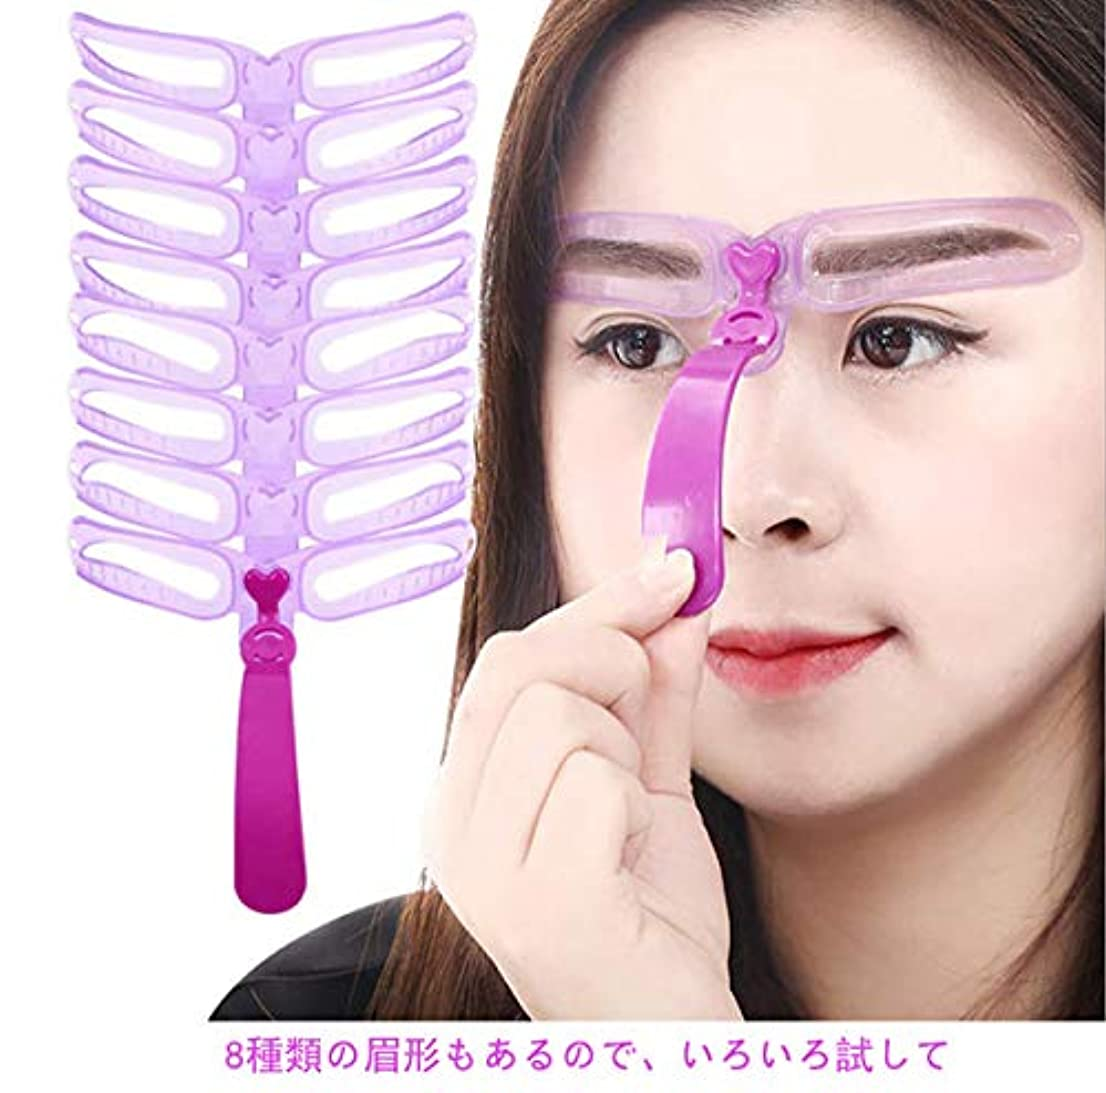 誤って交差点ヘッドレス眉毛テンプレート眉毛を気分で使い分け 8パターン 眉用ステンシル 男女兼用美容ツール